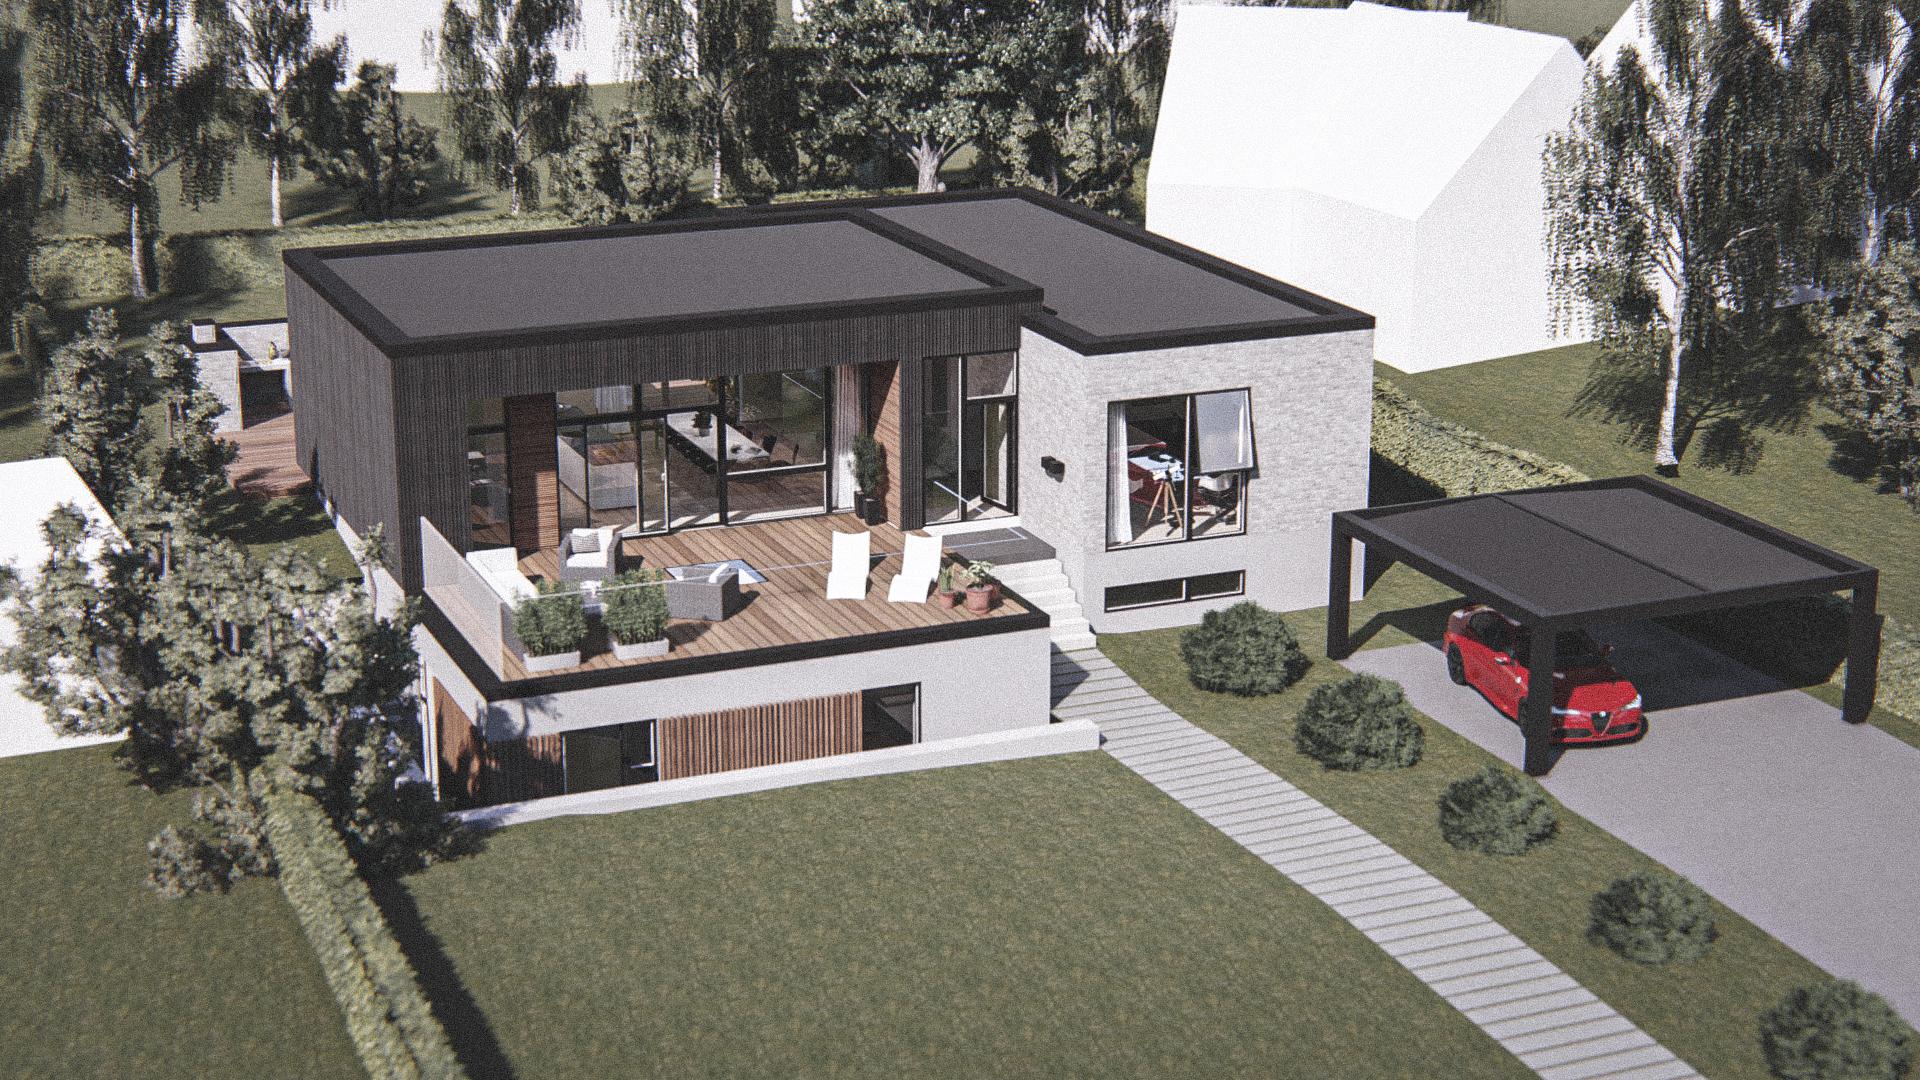 Billede af Dansk arkitekttegnet 2 plan villa af arkitektfirmaet m2plus, i Birkerød på 305 kvartratmeter.